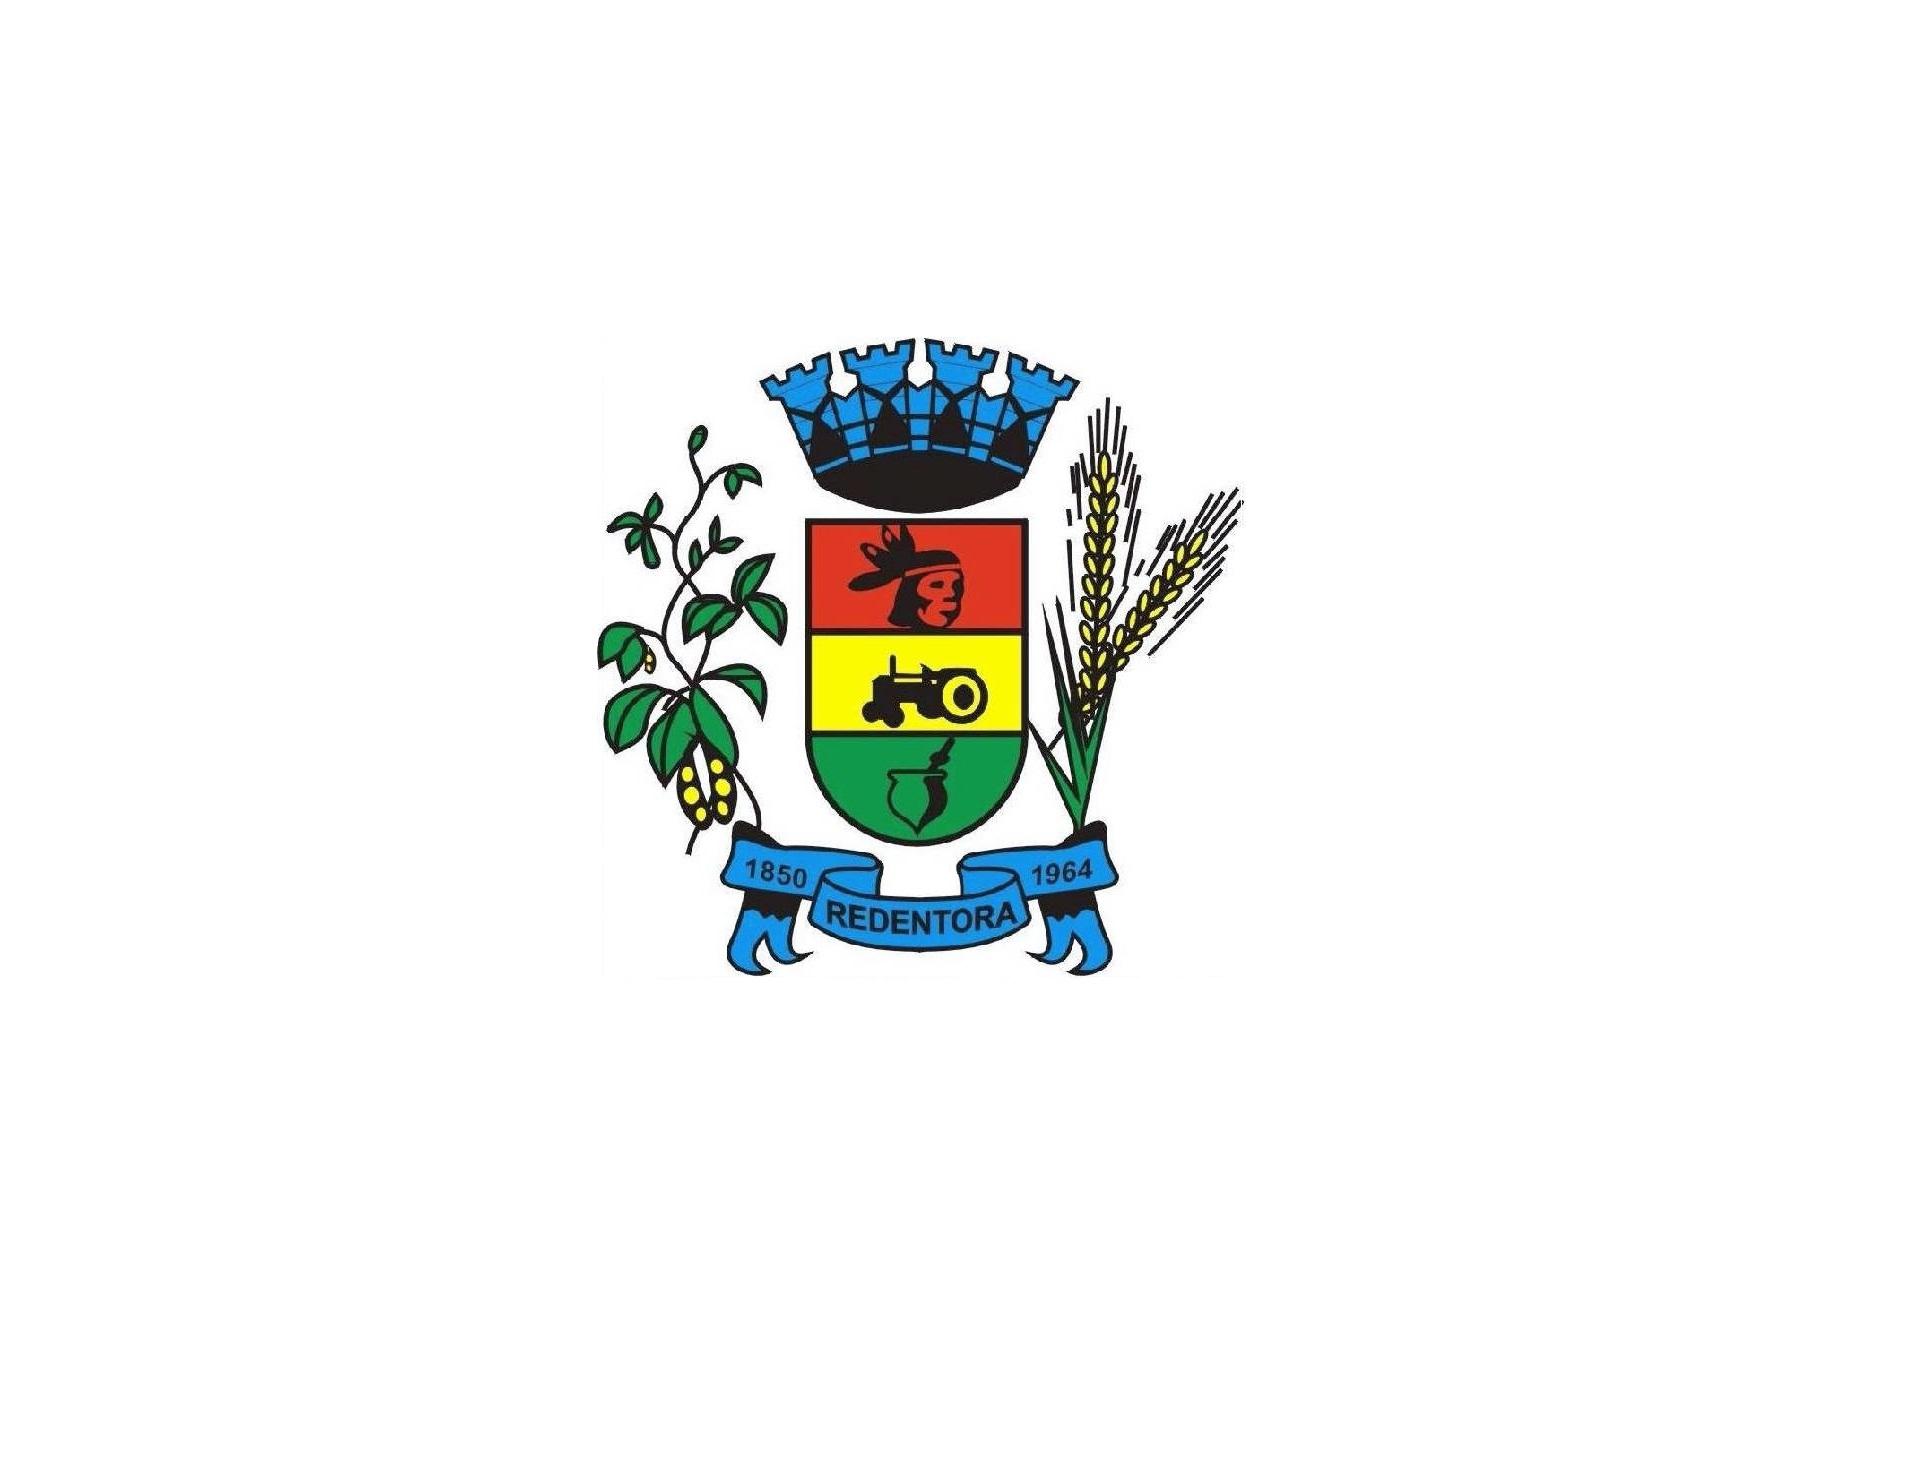 Redentora Rio Grande do Sul fonte: upload.wikimedia.org